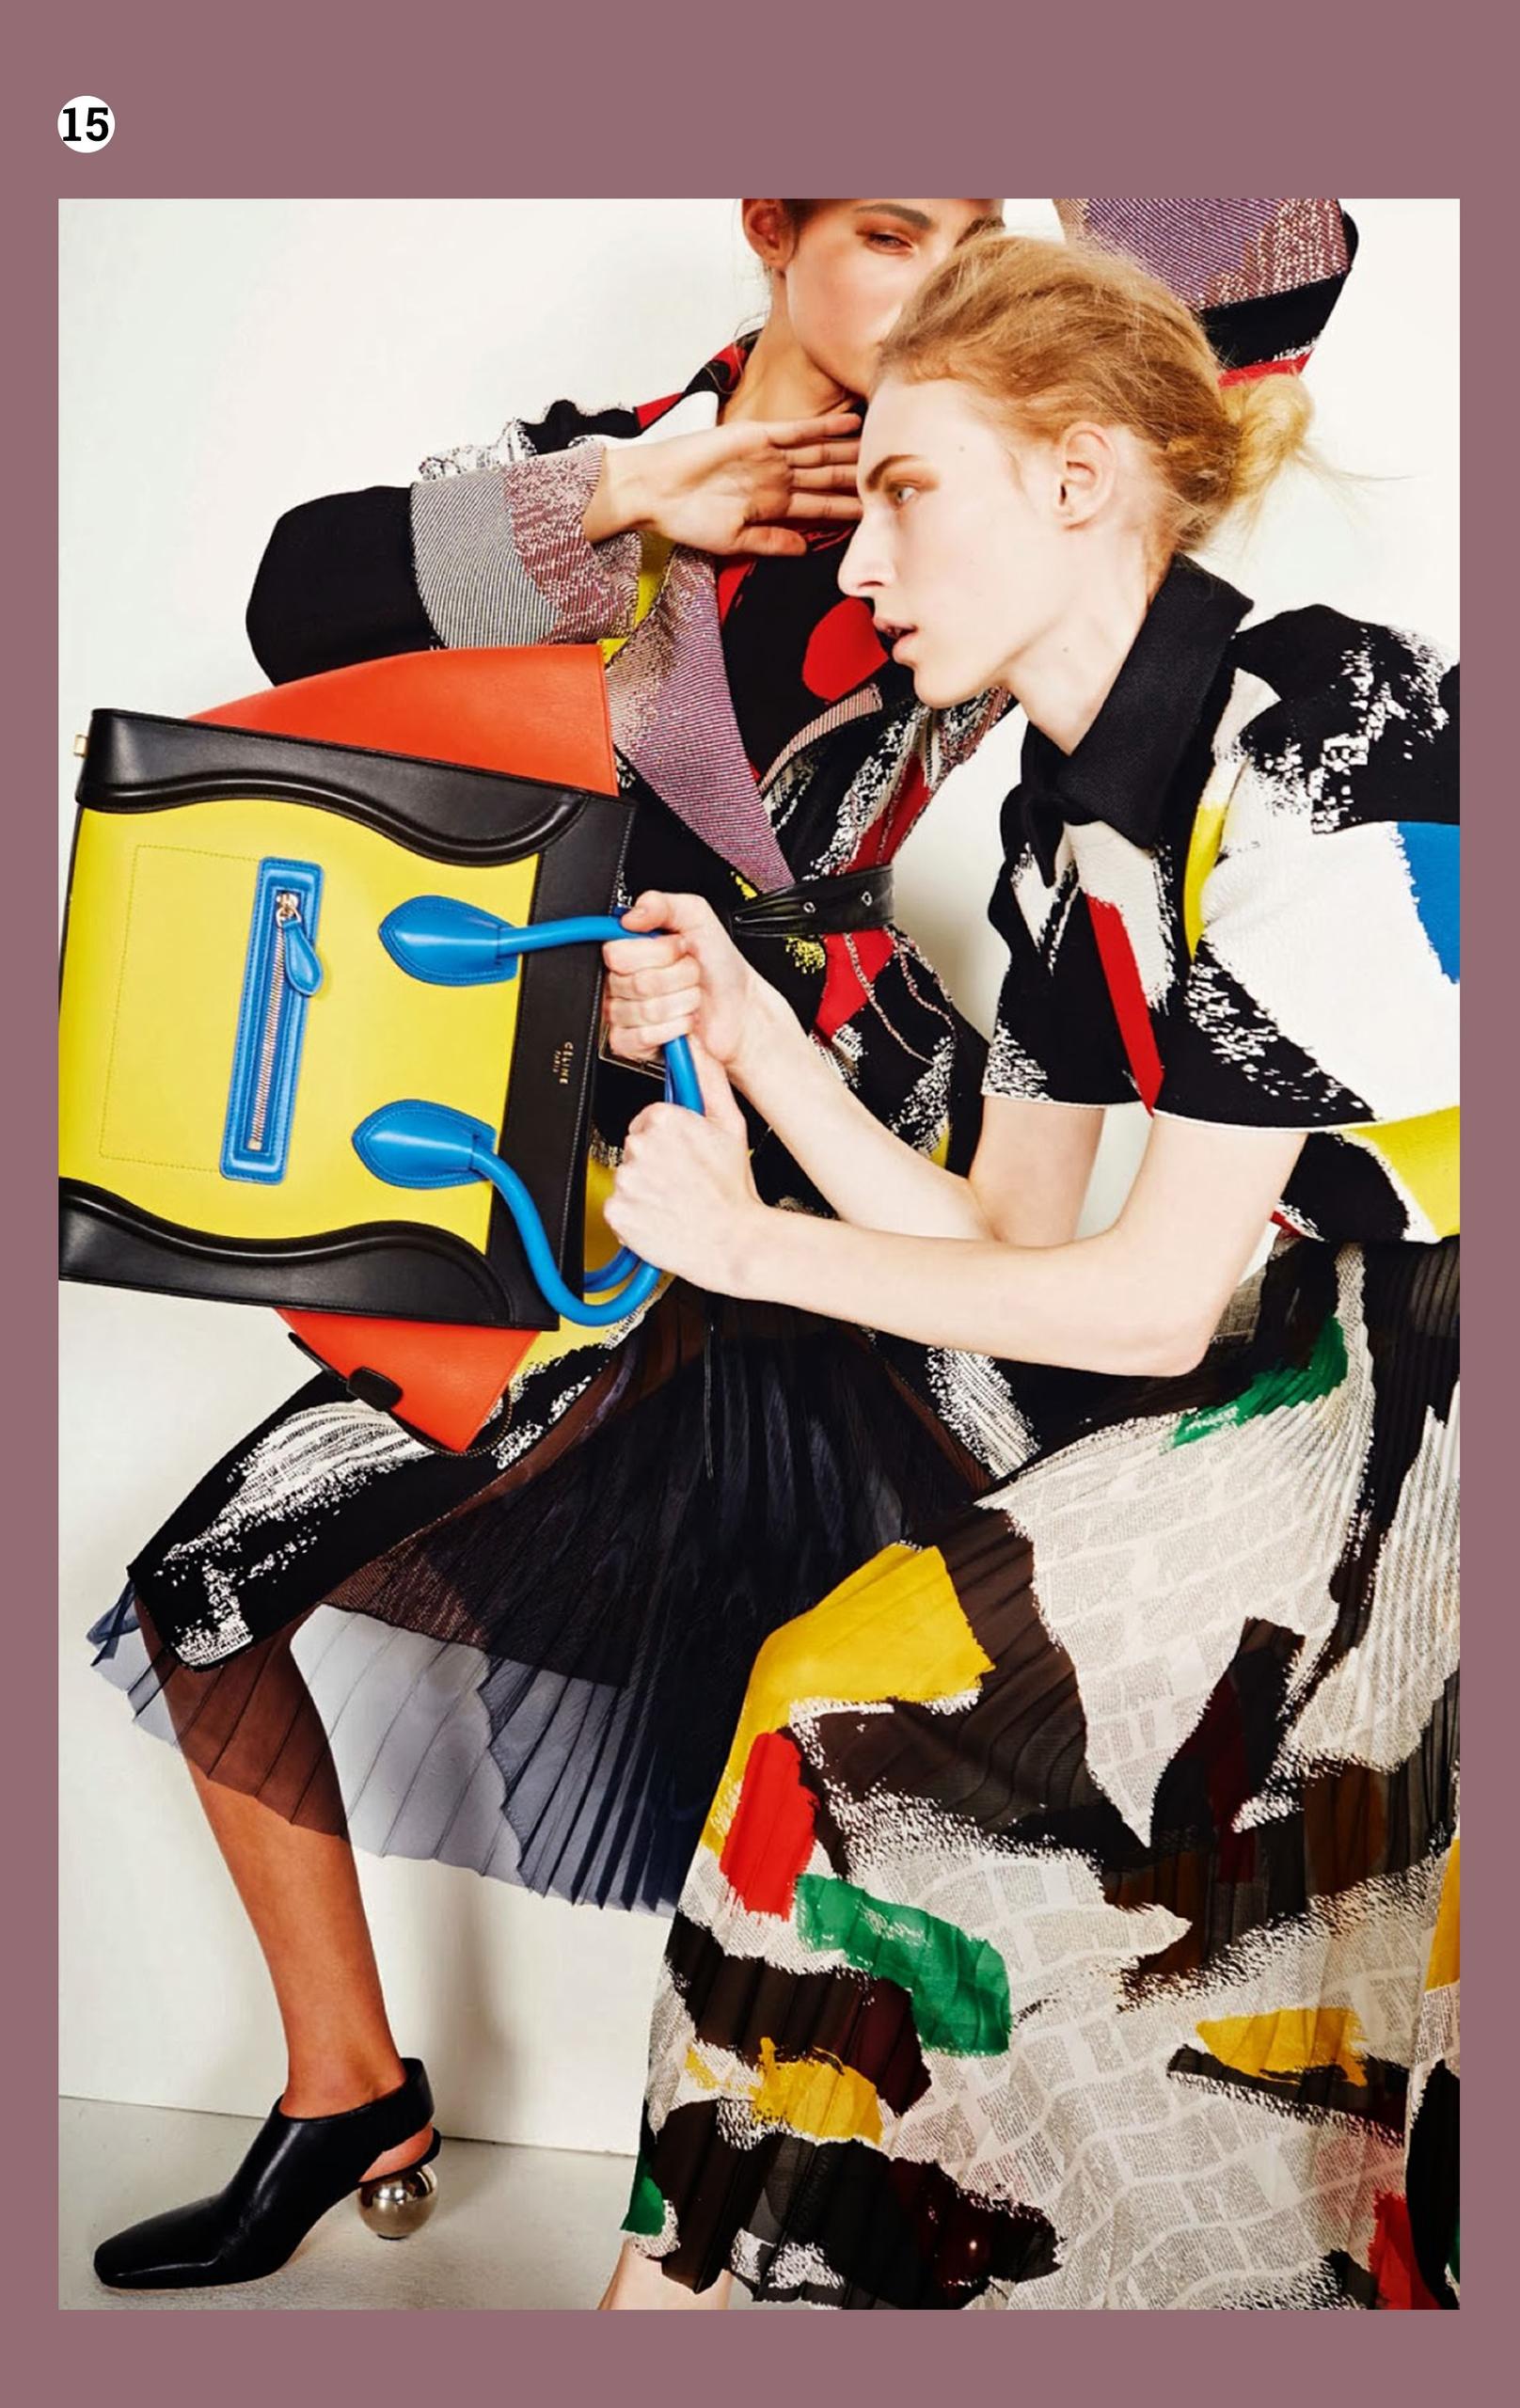 Zdjęcie przedstawia fotografię modelki w kolorowych ubraniach, która w ręku trzyma torebkę. Dookoła znajduje się fioletowa ramka.